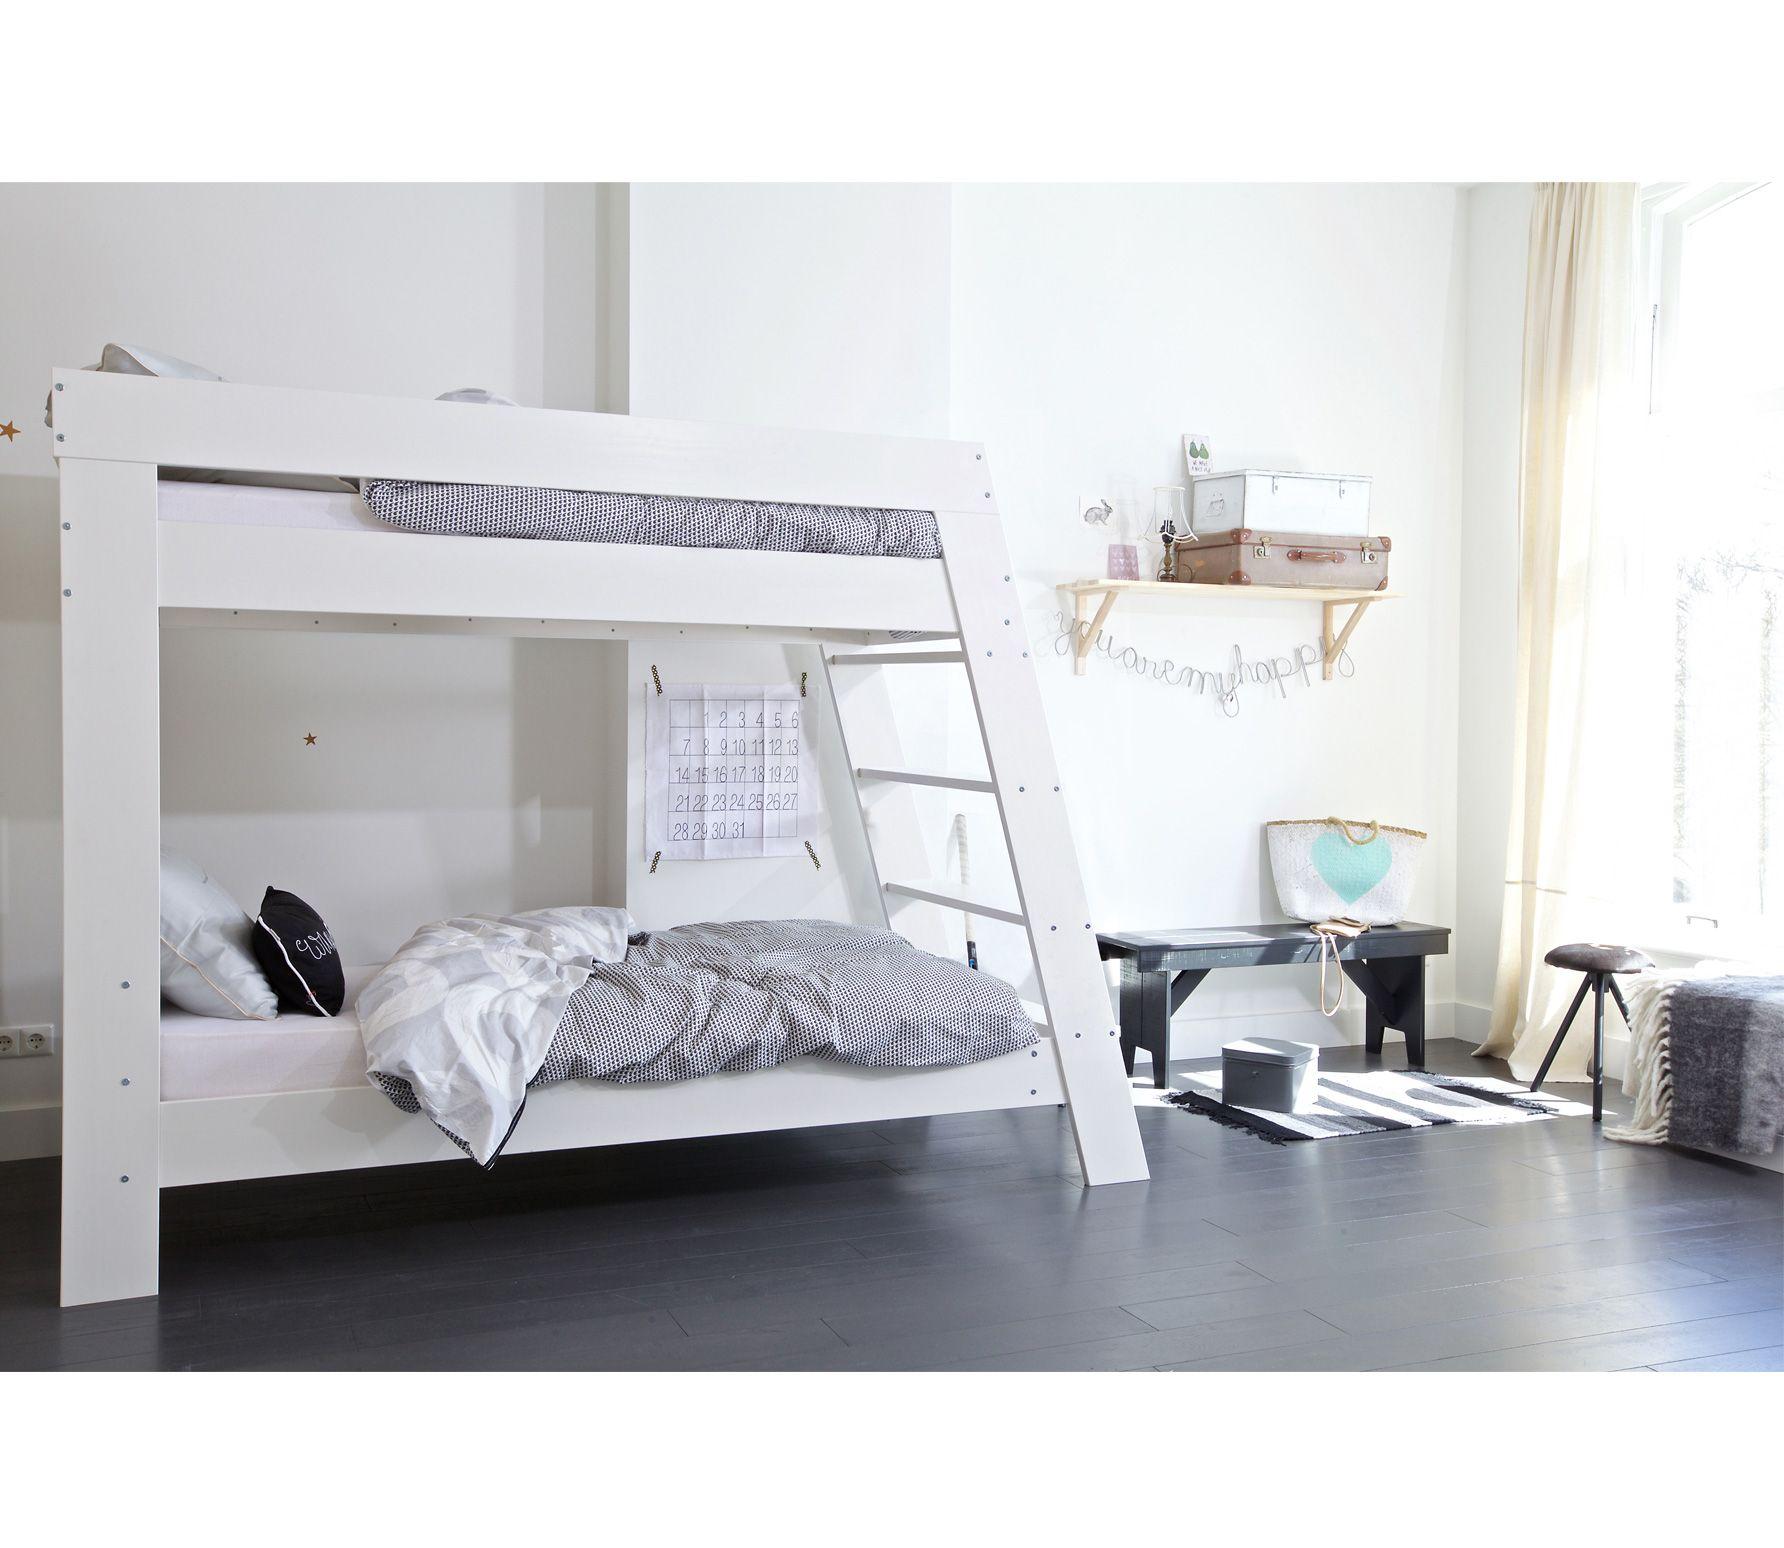 Voorbeeld van stapelbed geborsteld grenen wit woood nieuw huis kamer marijn pinterest - Stapelbed kleine kamer ...